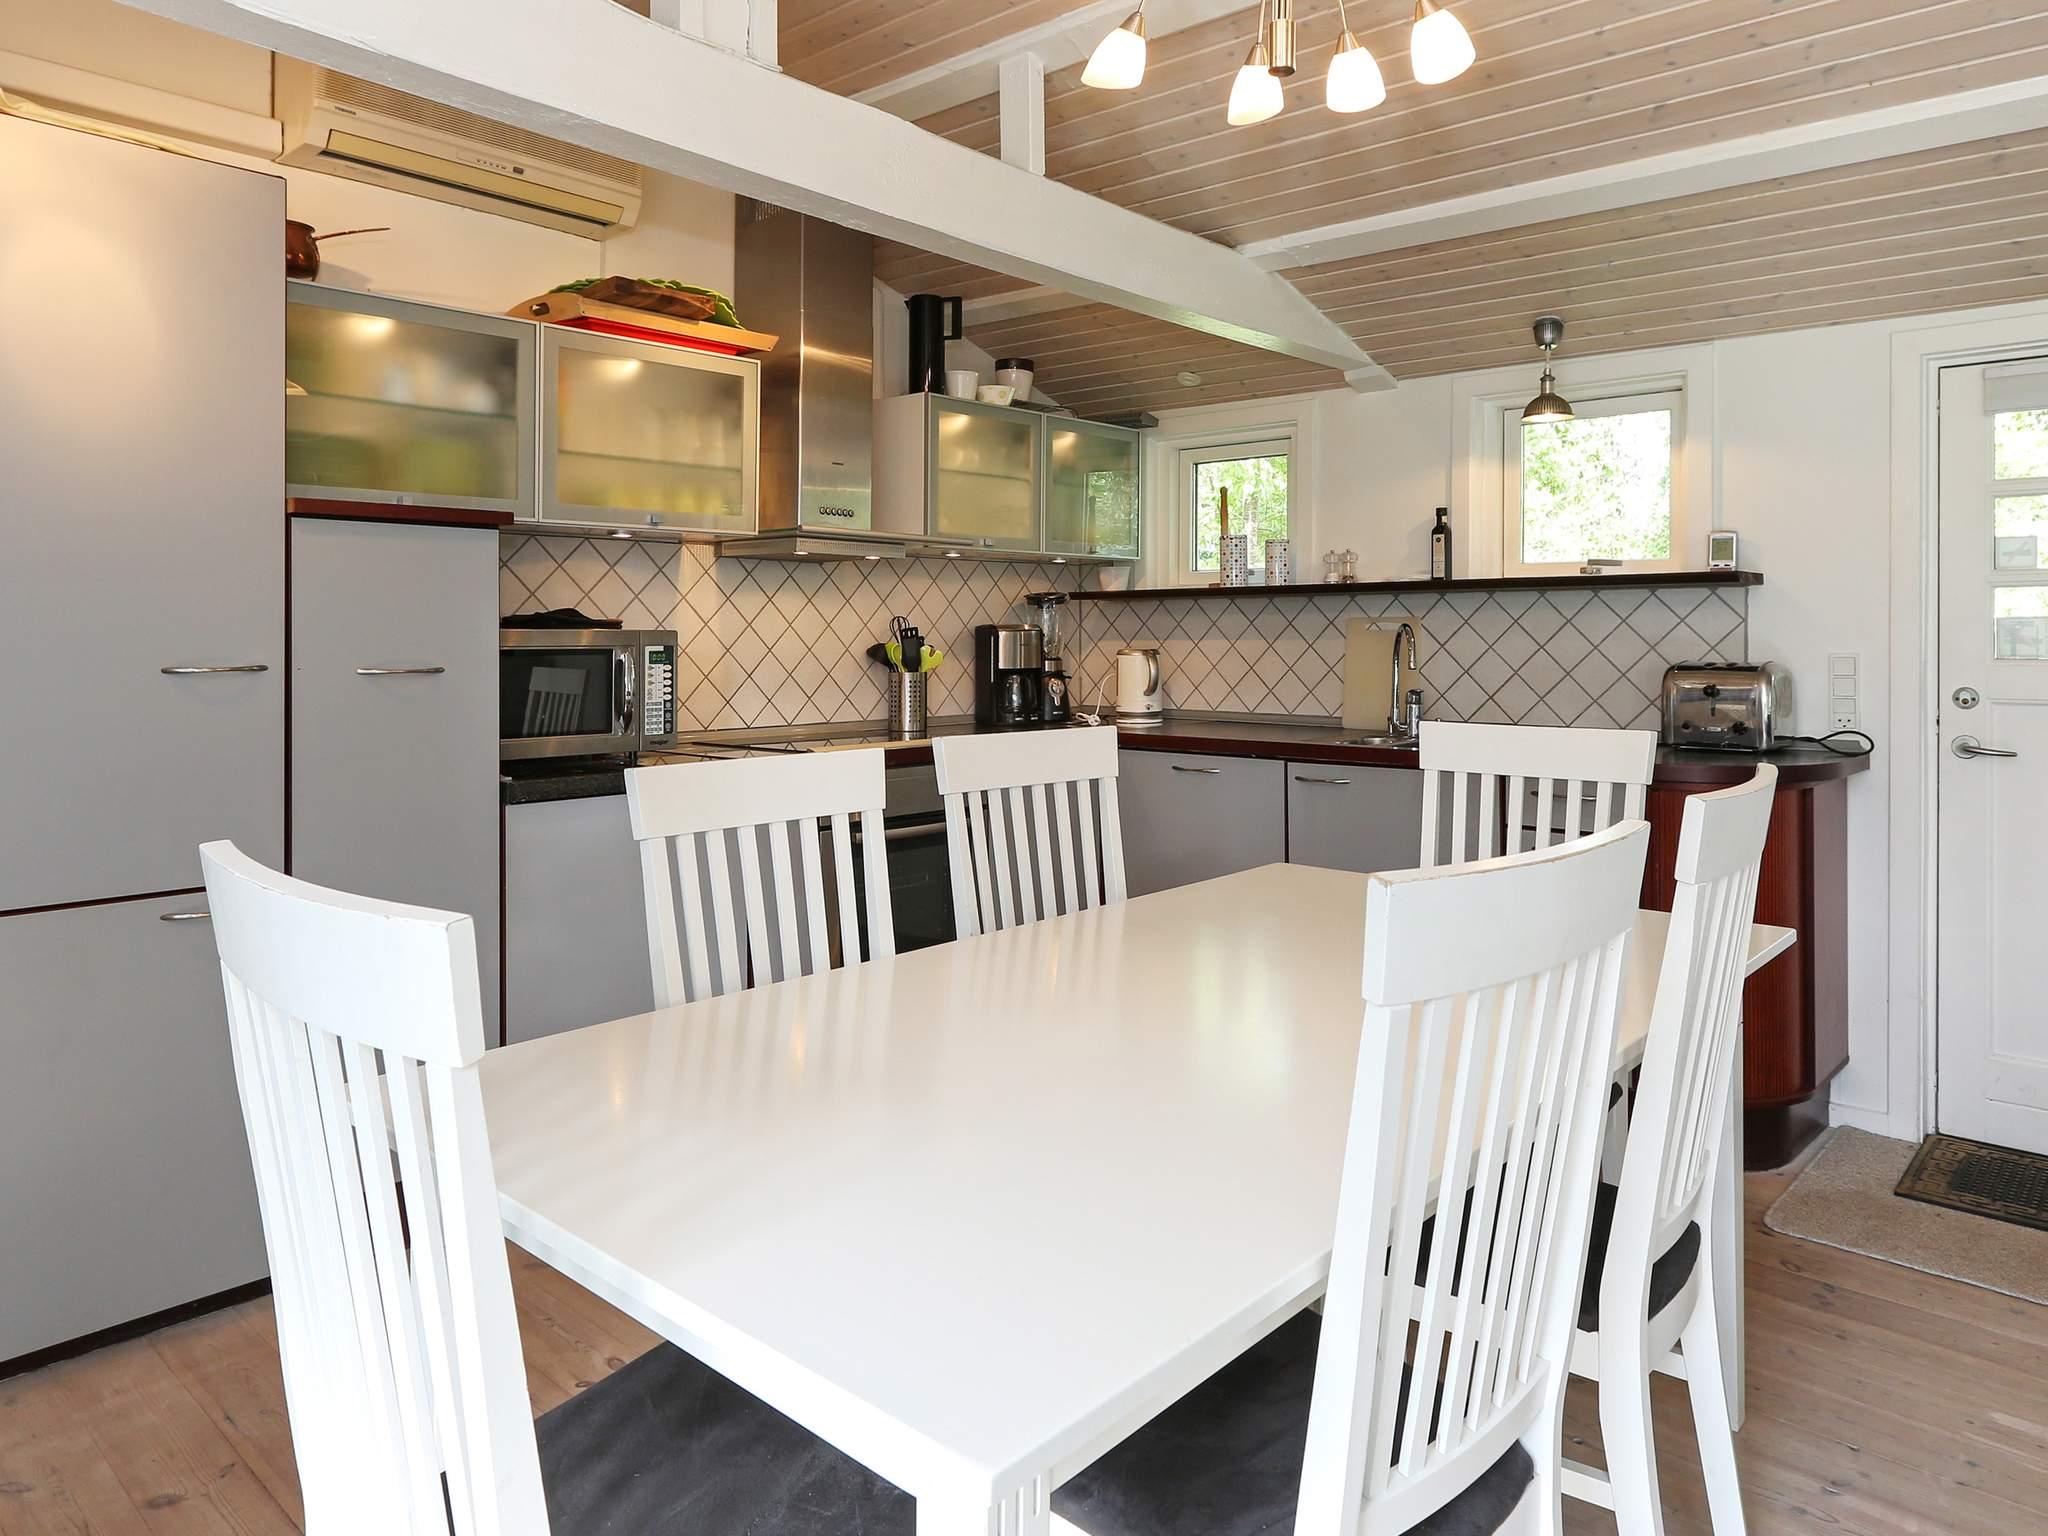 Ferienhaus Rågeleje (804324), Rågeleje, , Nordseeland, Dänemark, Bild 6